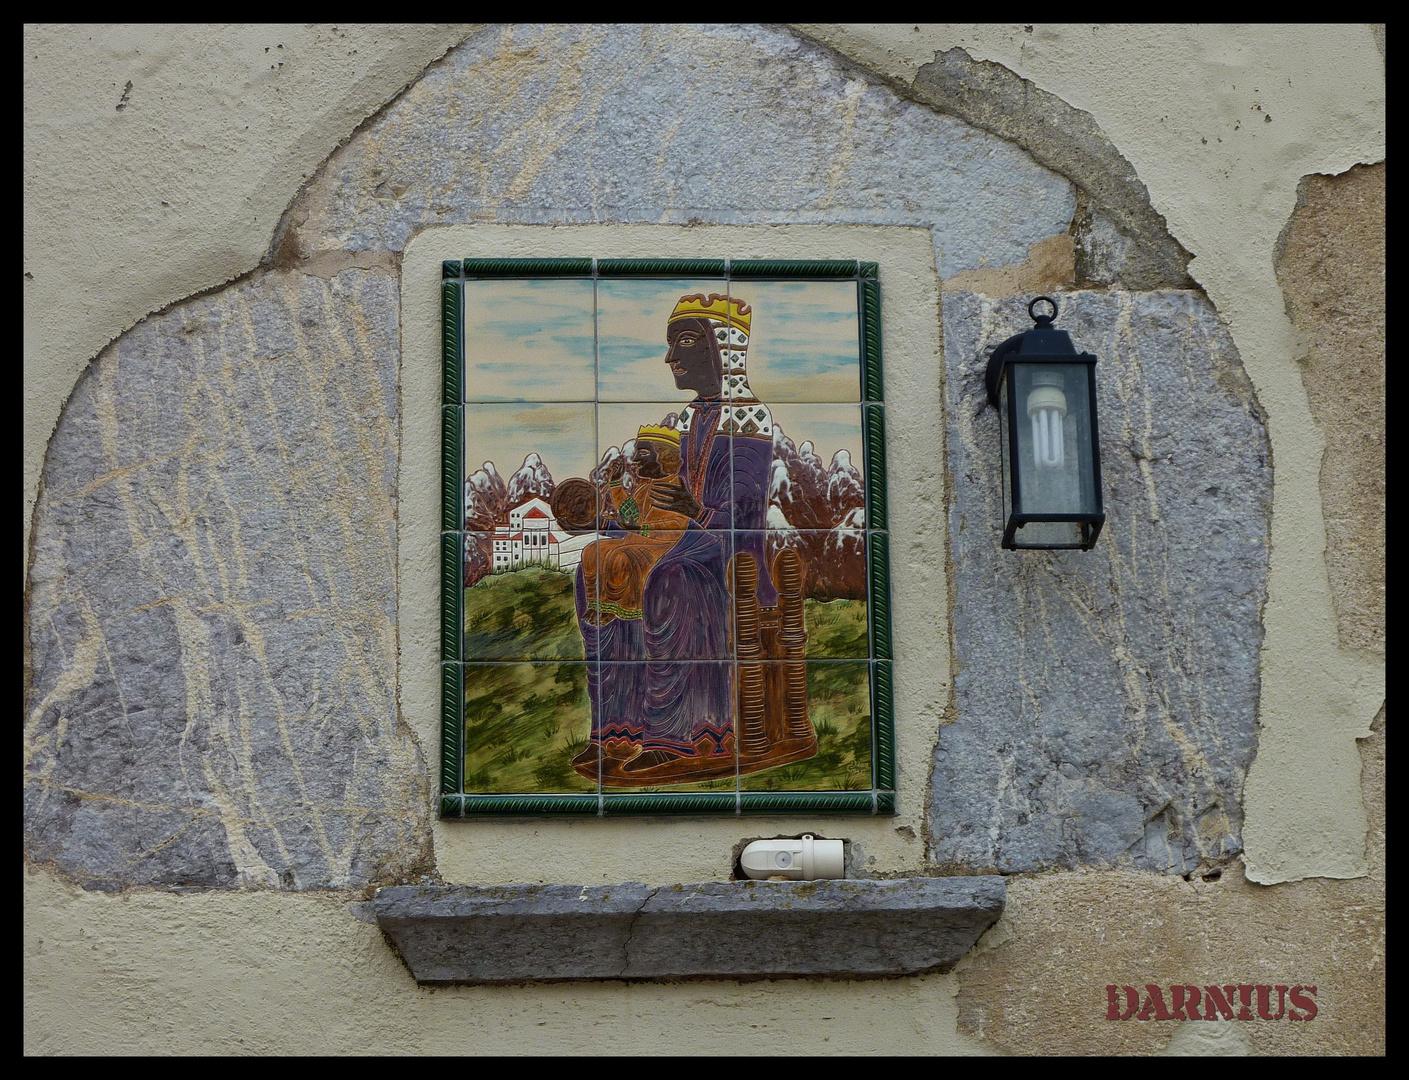 DARNIUS (5)